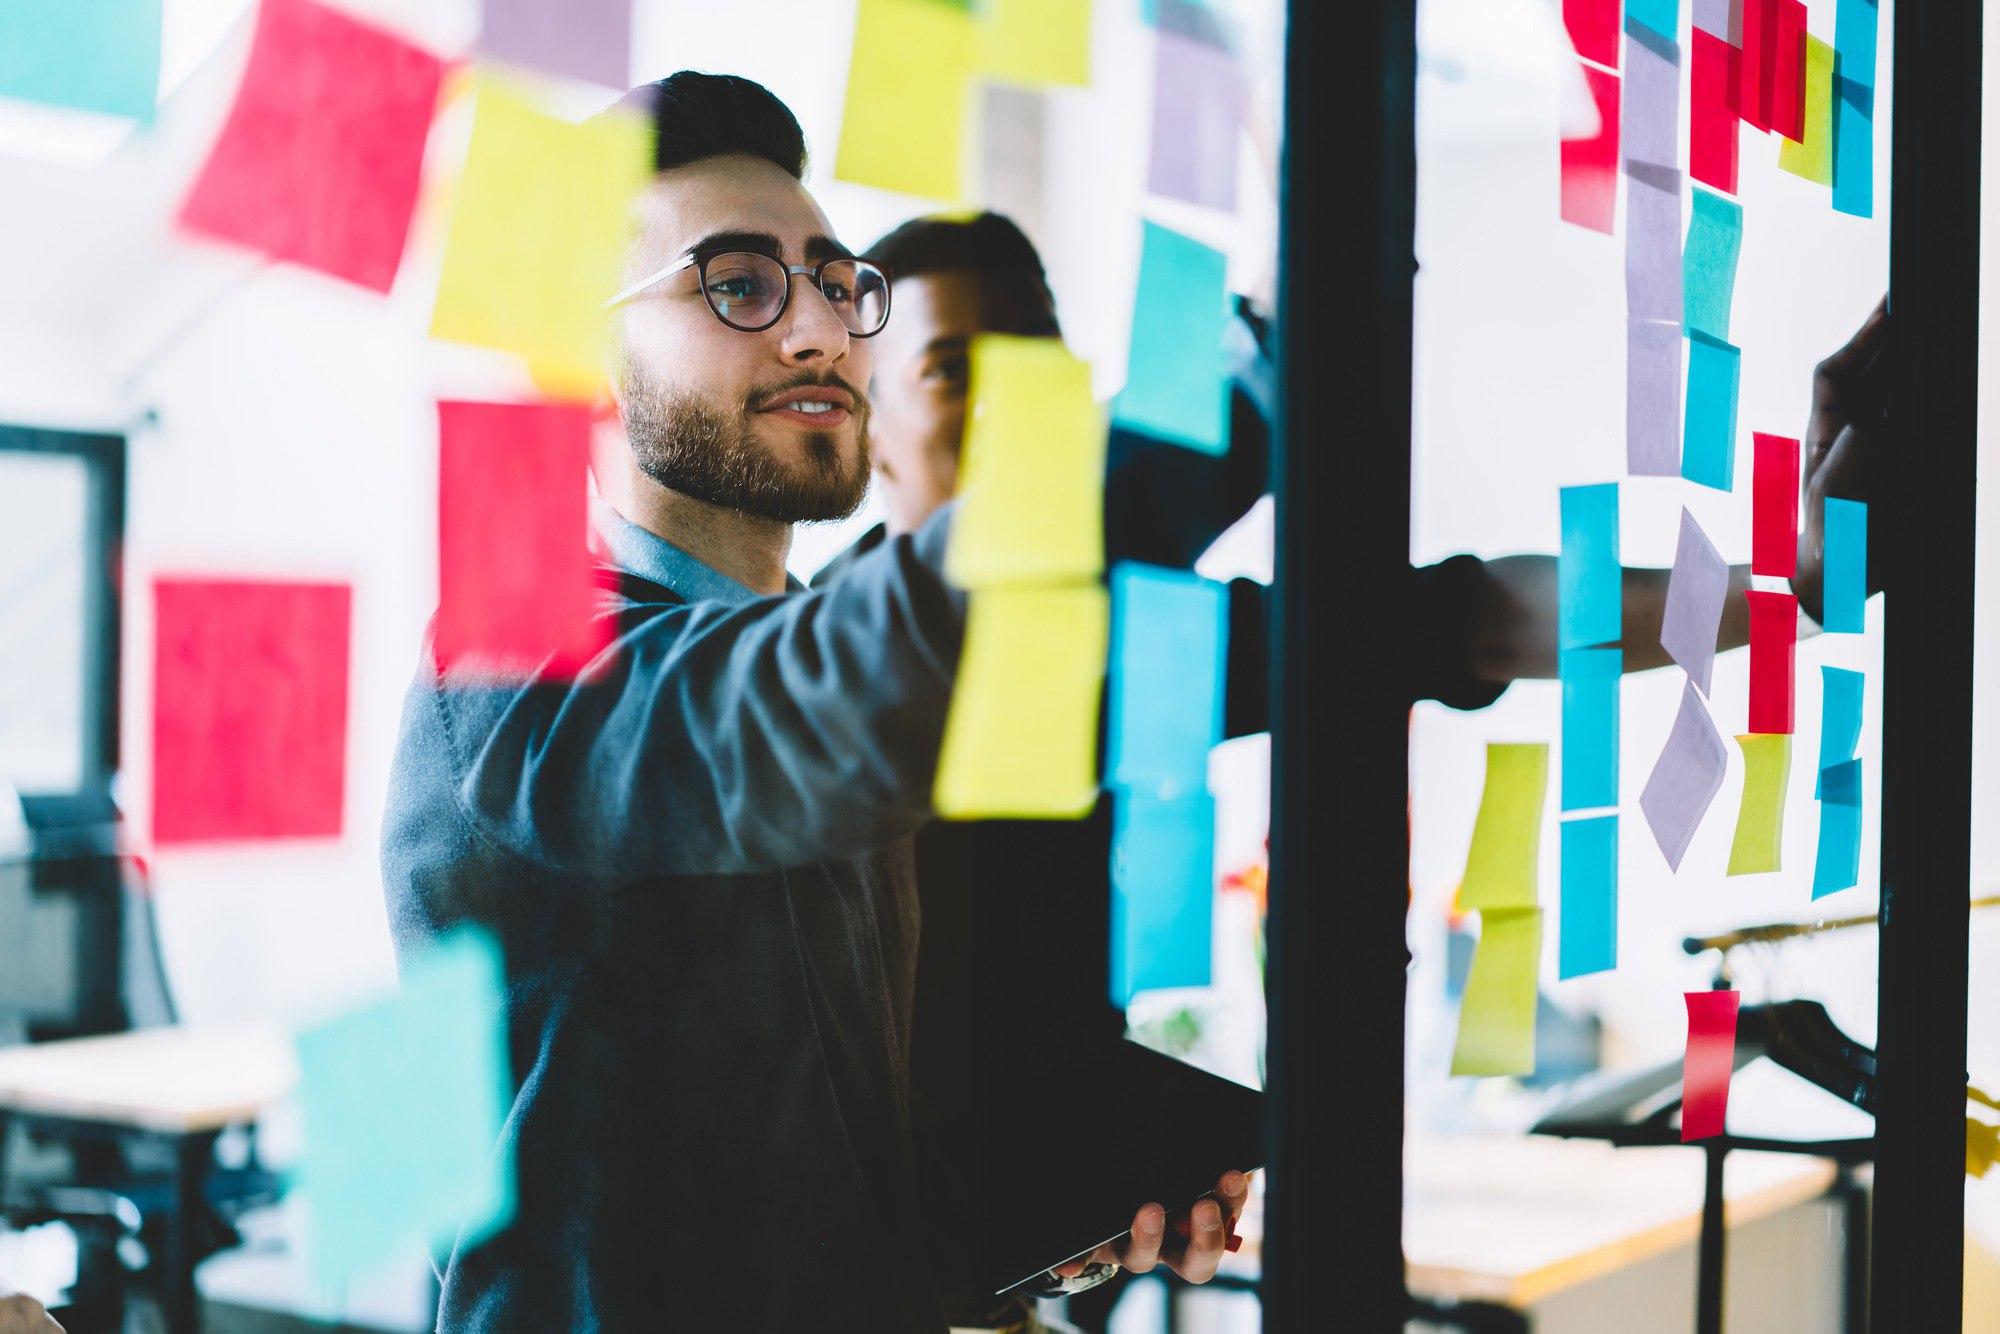 Listas de tarefas são um dos melhores métodos para aumentar a sua produtividade.